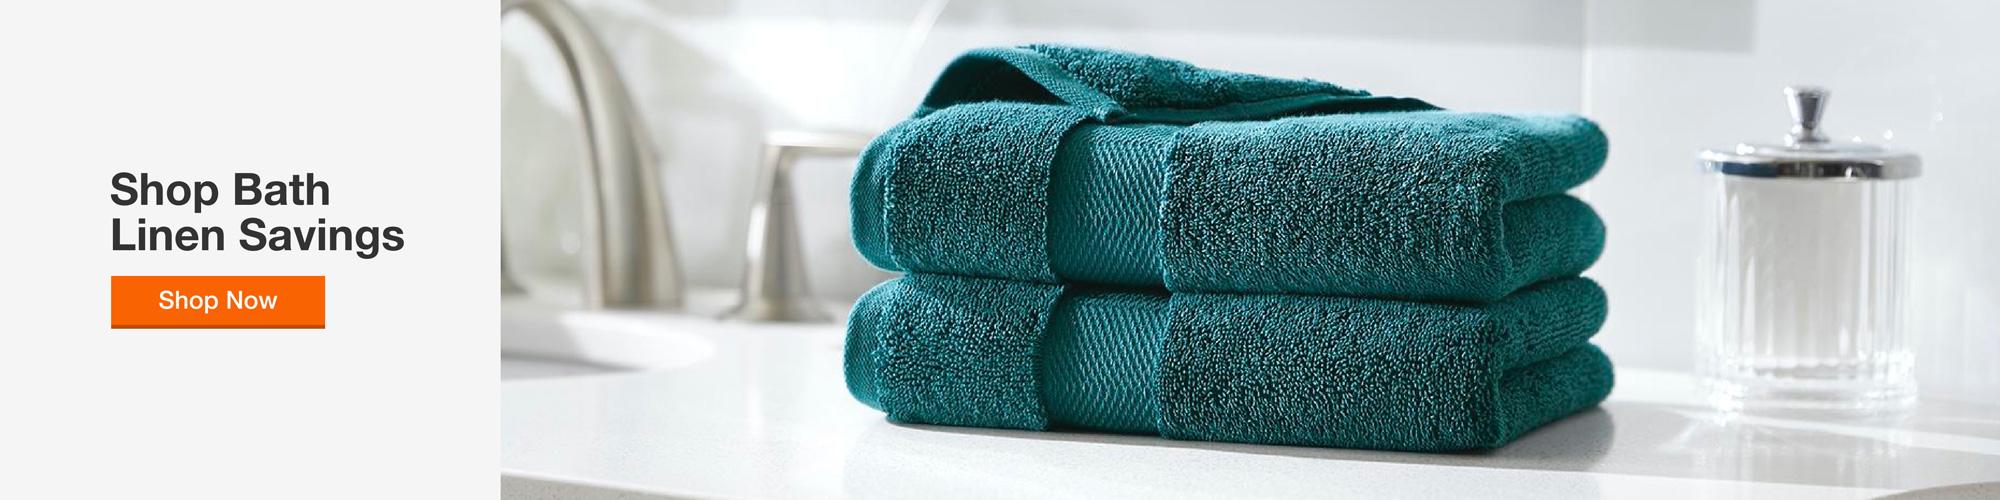 Shop Bath Linen Savings